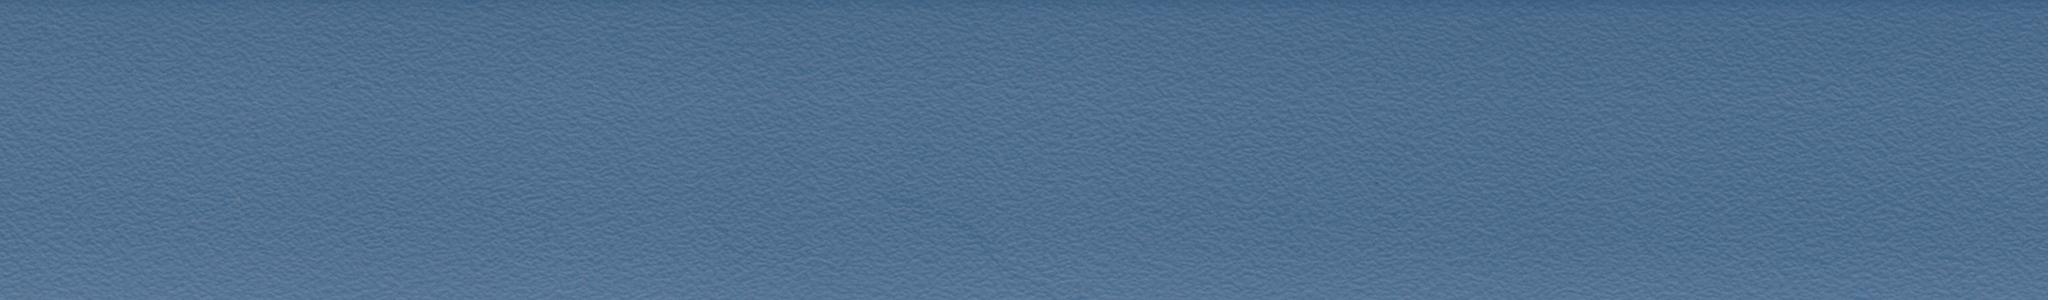 HU 150504 кромка ABS синяя жемчуг XG